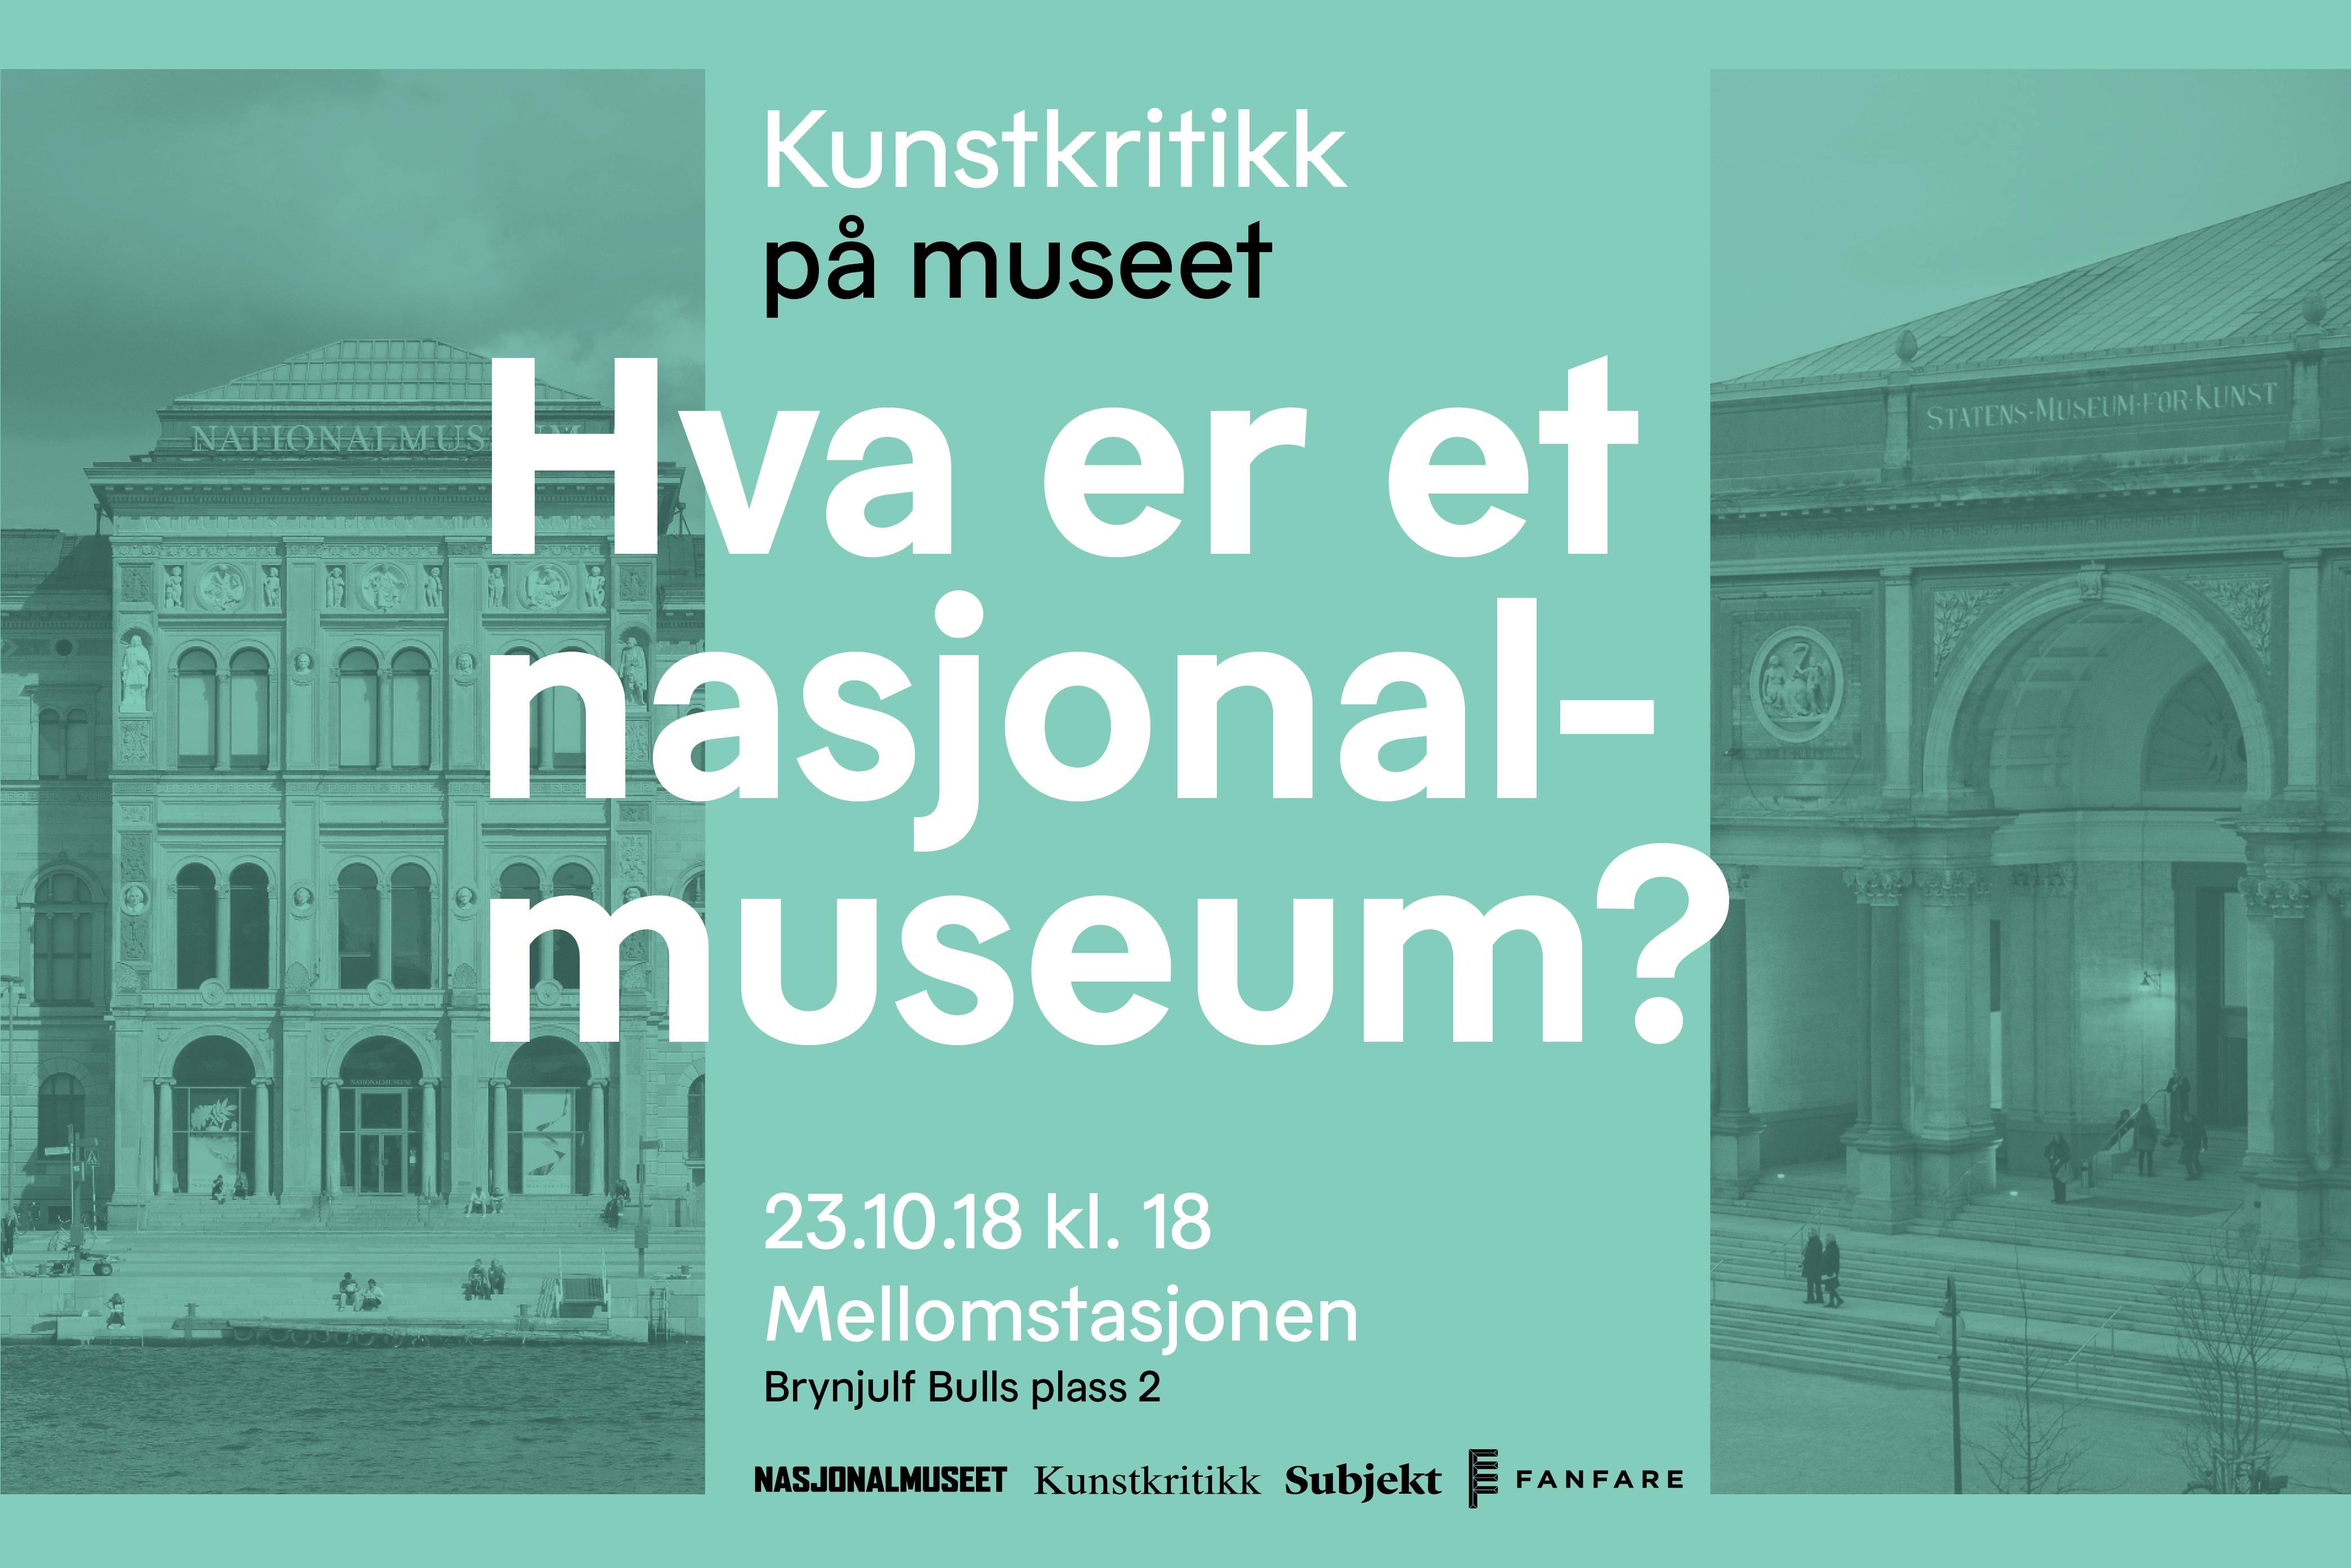 Debatt om de nasjonale museenes rolle